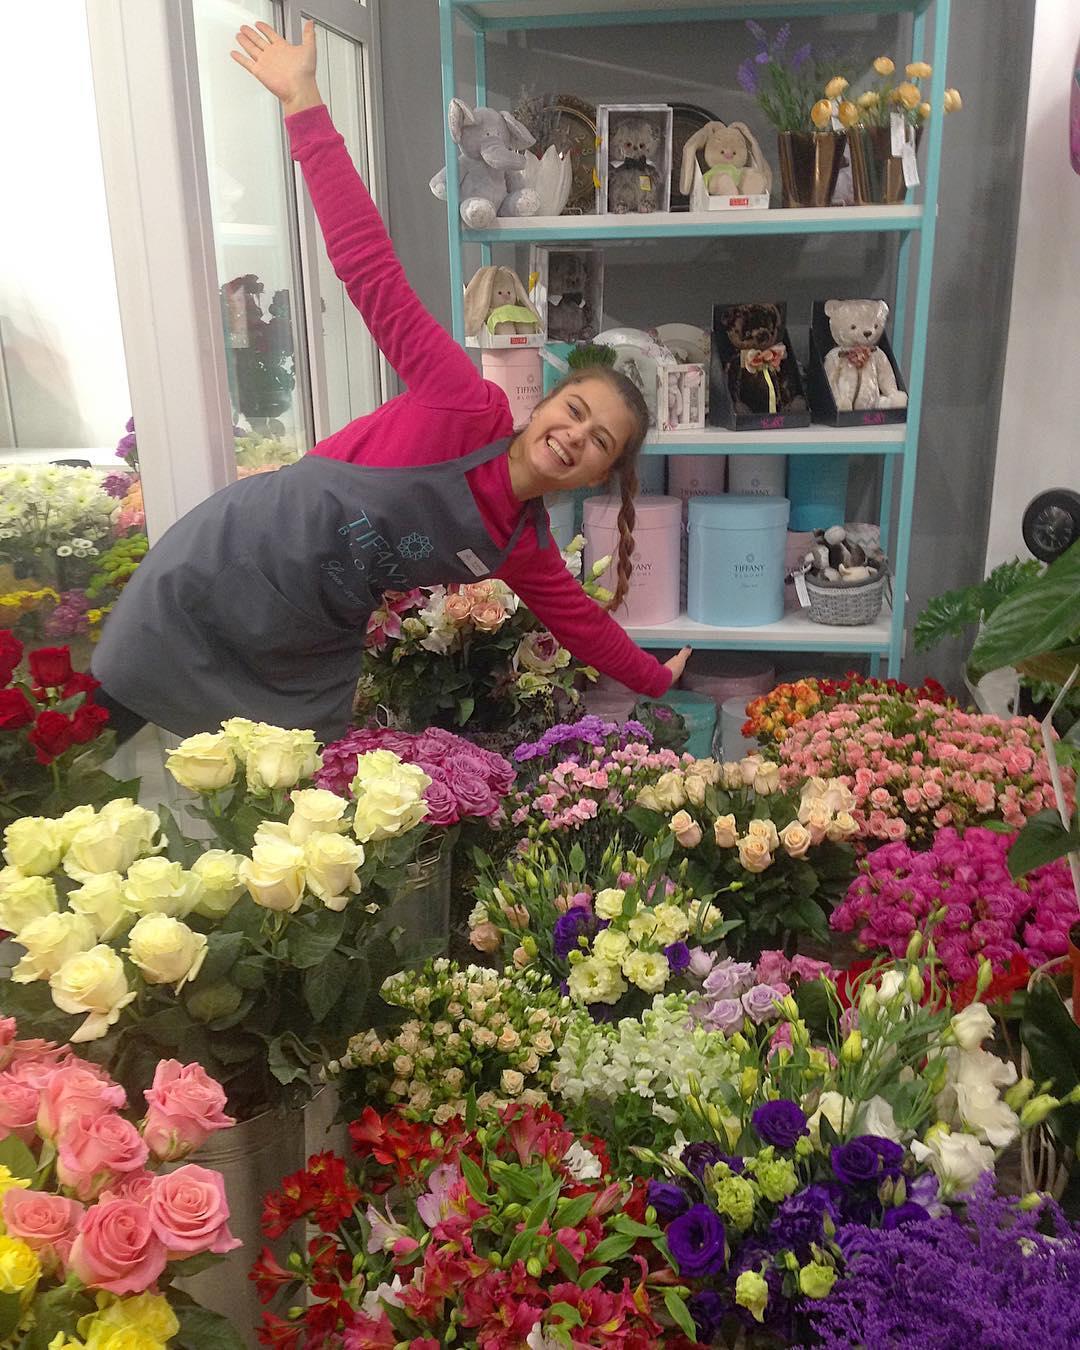 Доброе утро! У нас свежее поступление цветочной красоты #цветывкоробке #tiffanyblooms #цветыкрд #ялюбима #доставкацветовкраснодар #доставкабукетовкраснодар #цветысдоставкой😀Рады вам с 8:00 до 21:00 📲Заказы +79000001133 🏛Рашпилевская 28 ❗️Сайт tiffanyblooms.ru